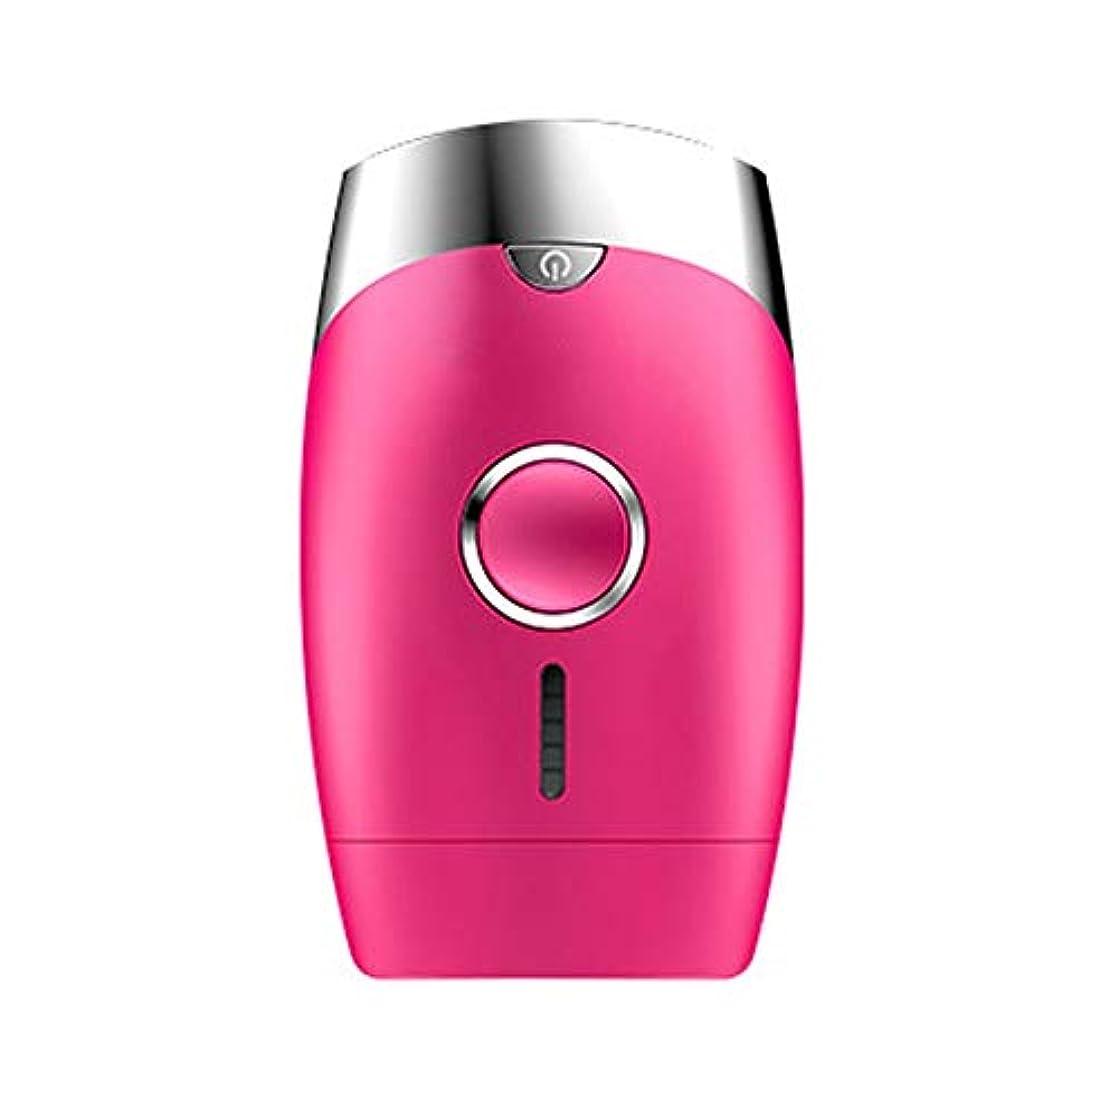 酸っぱい通路ティーンエイジャーダパイ ピンク、5スピード調整、インテリジェント家庭用痛みのない凝固点ヘアリムーバー、シングルフラッシュ/連続フラッシュ、サイズ13.9 X 8.3 X 4.8 Cm U546 (Color : Pink)